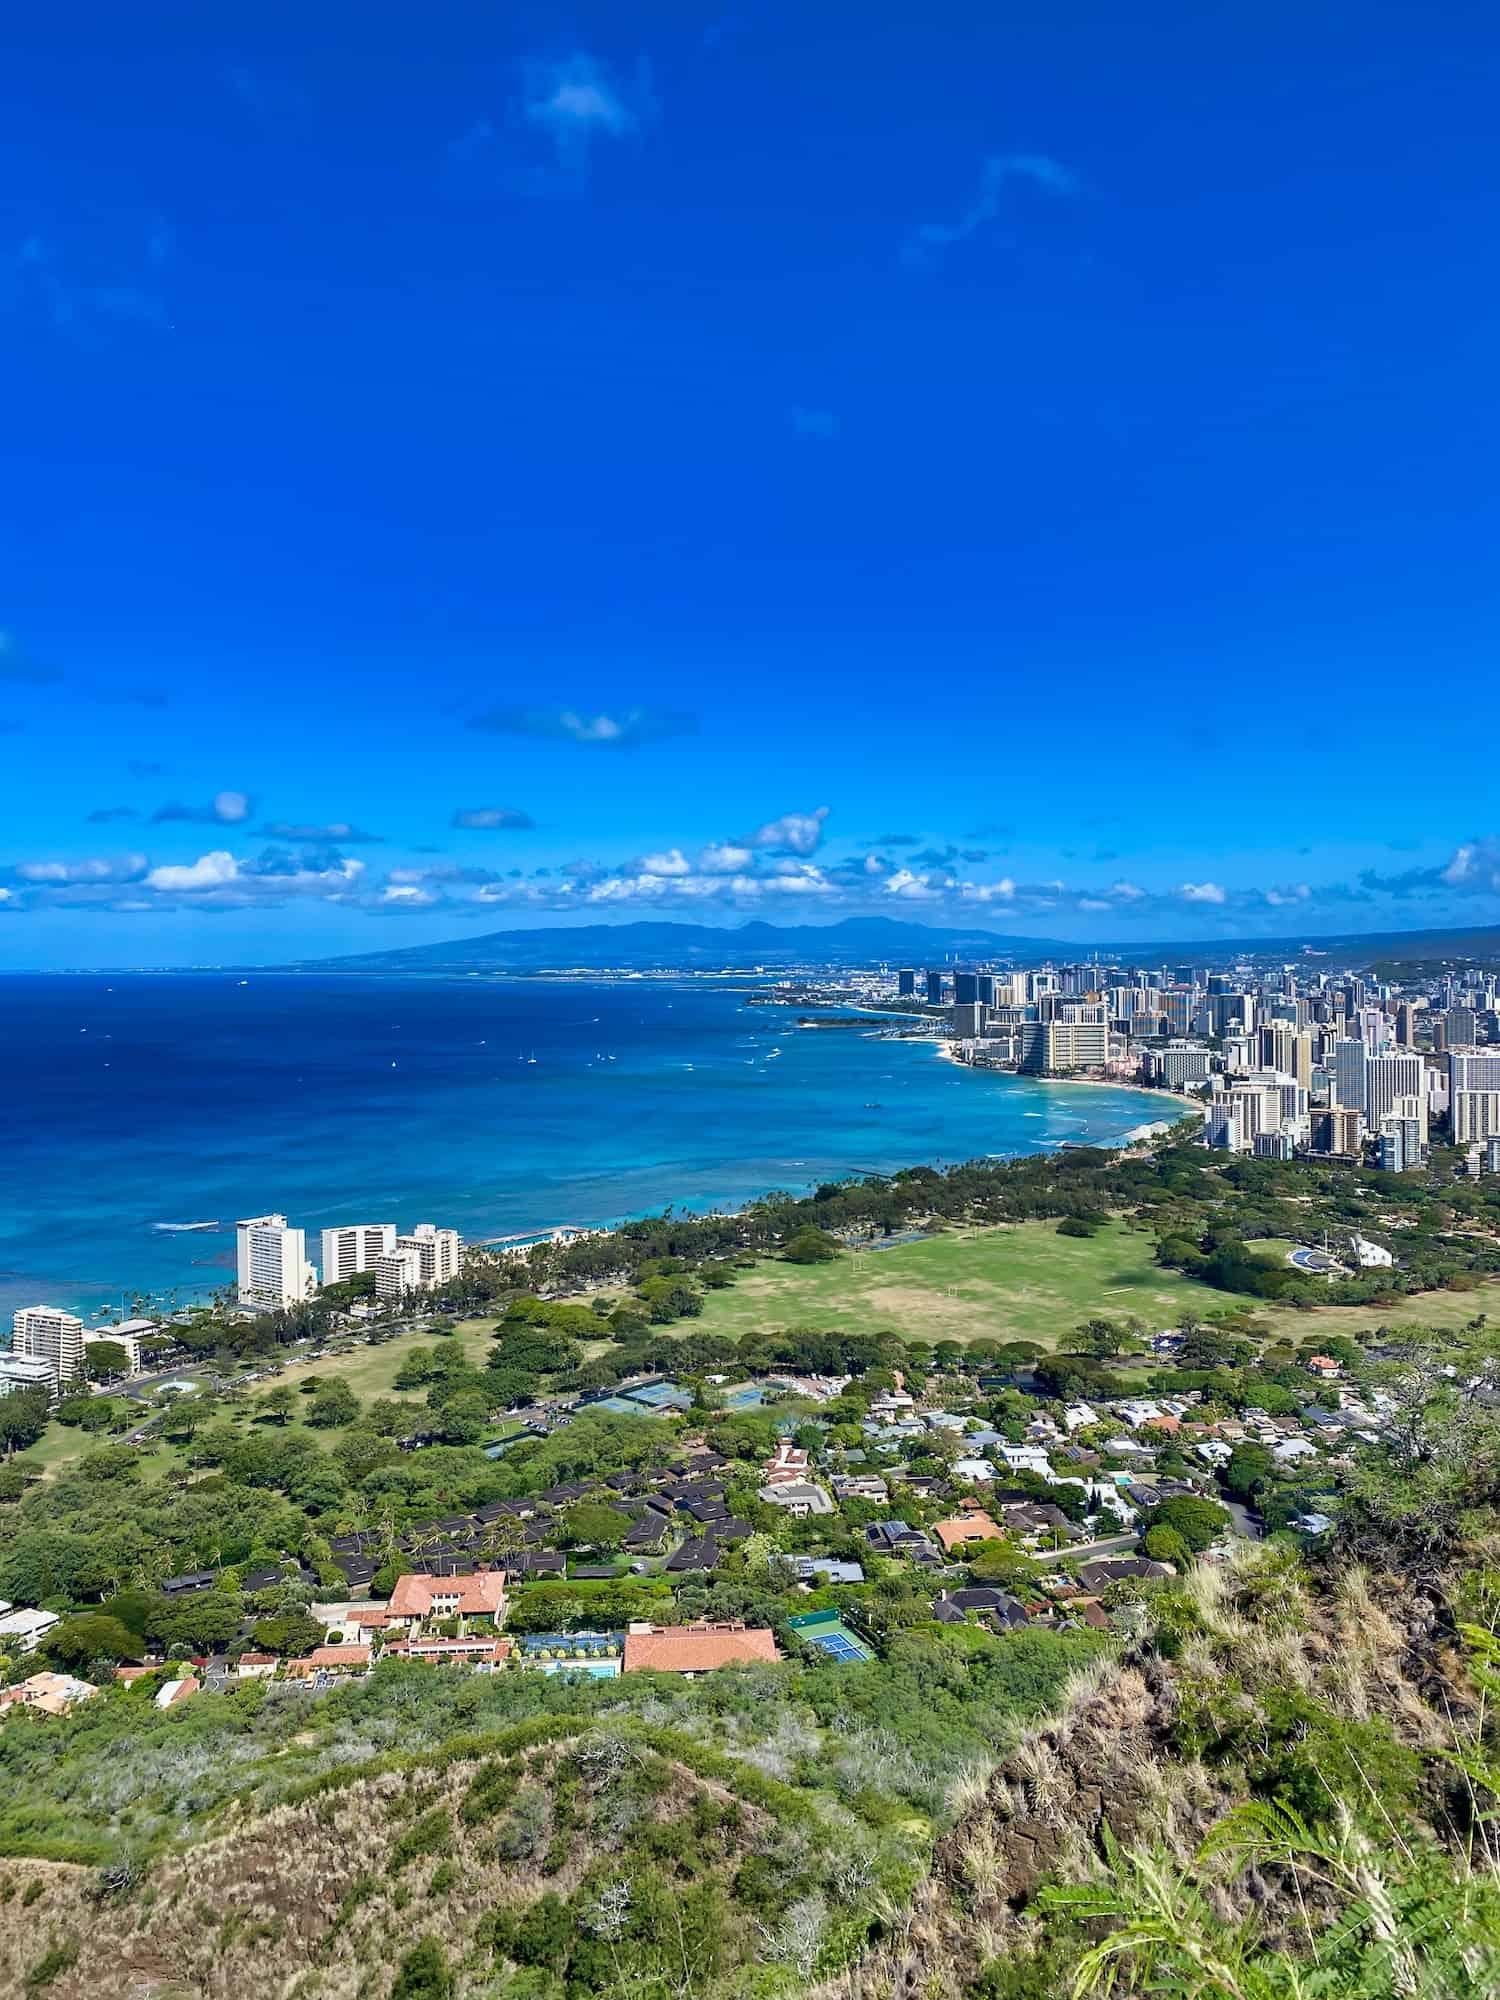 Oahu, Hawaii - Waikiki View